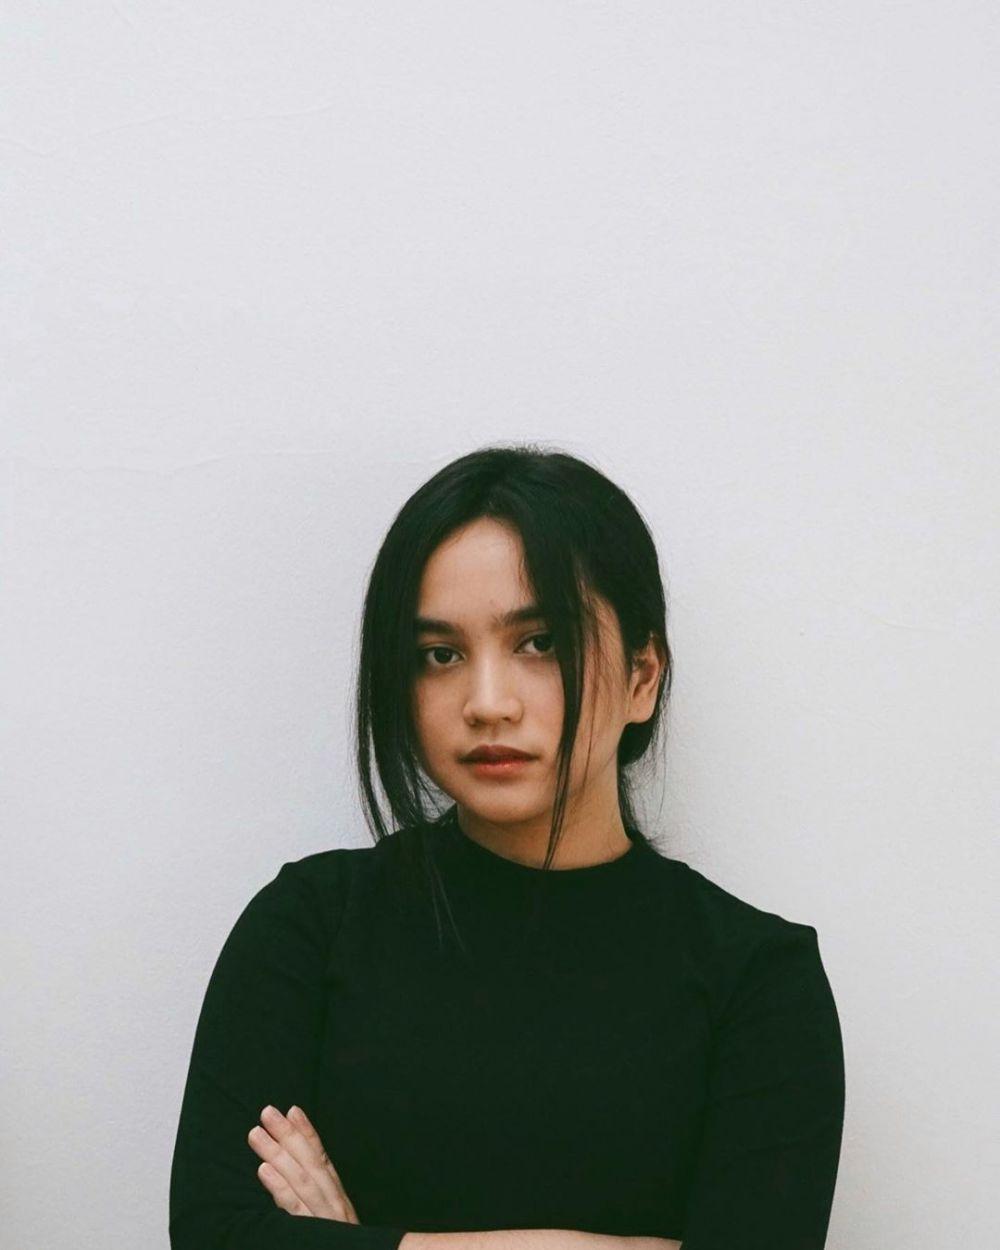 kabar terbaru pemeran namaku mentari © 2020 Instagram